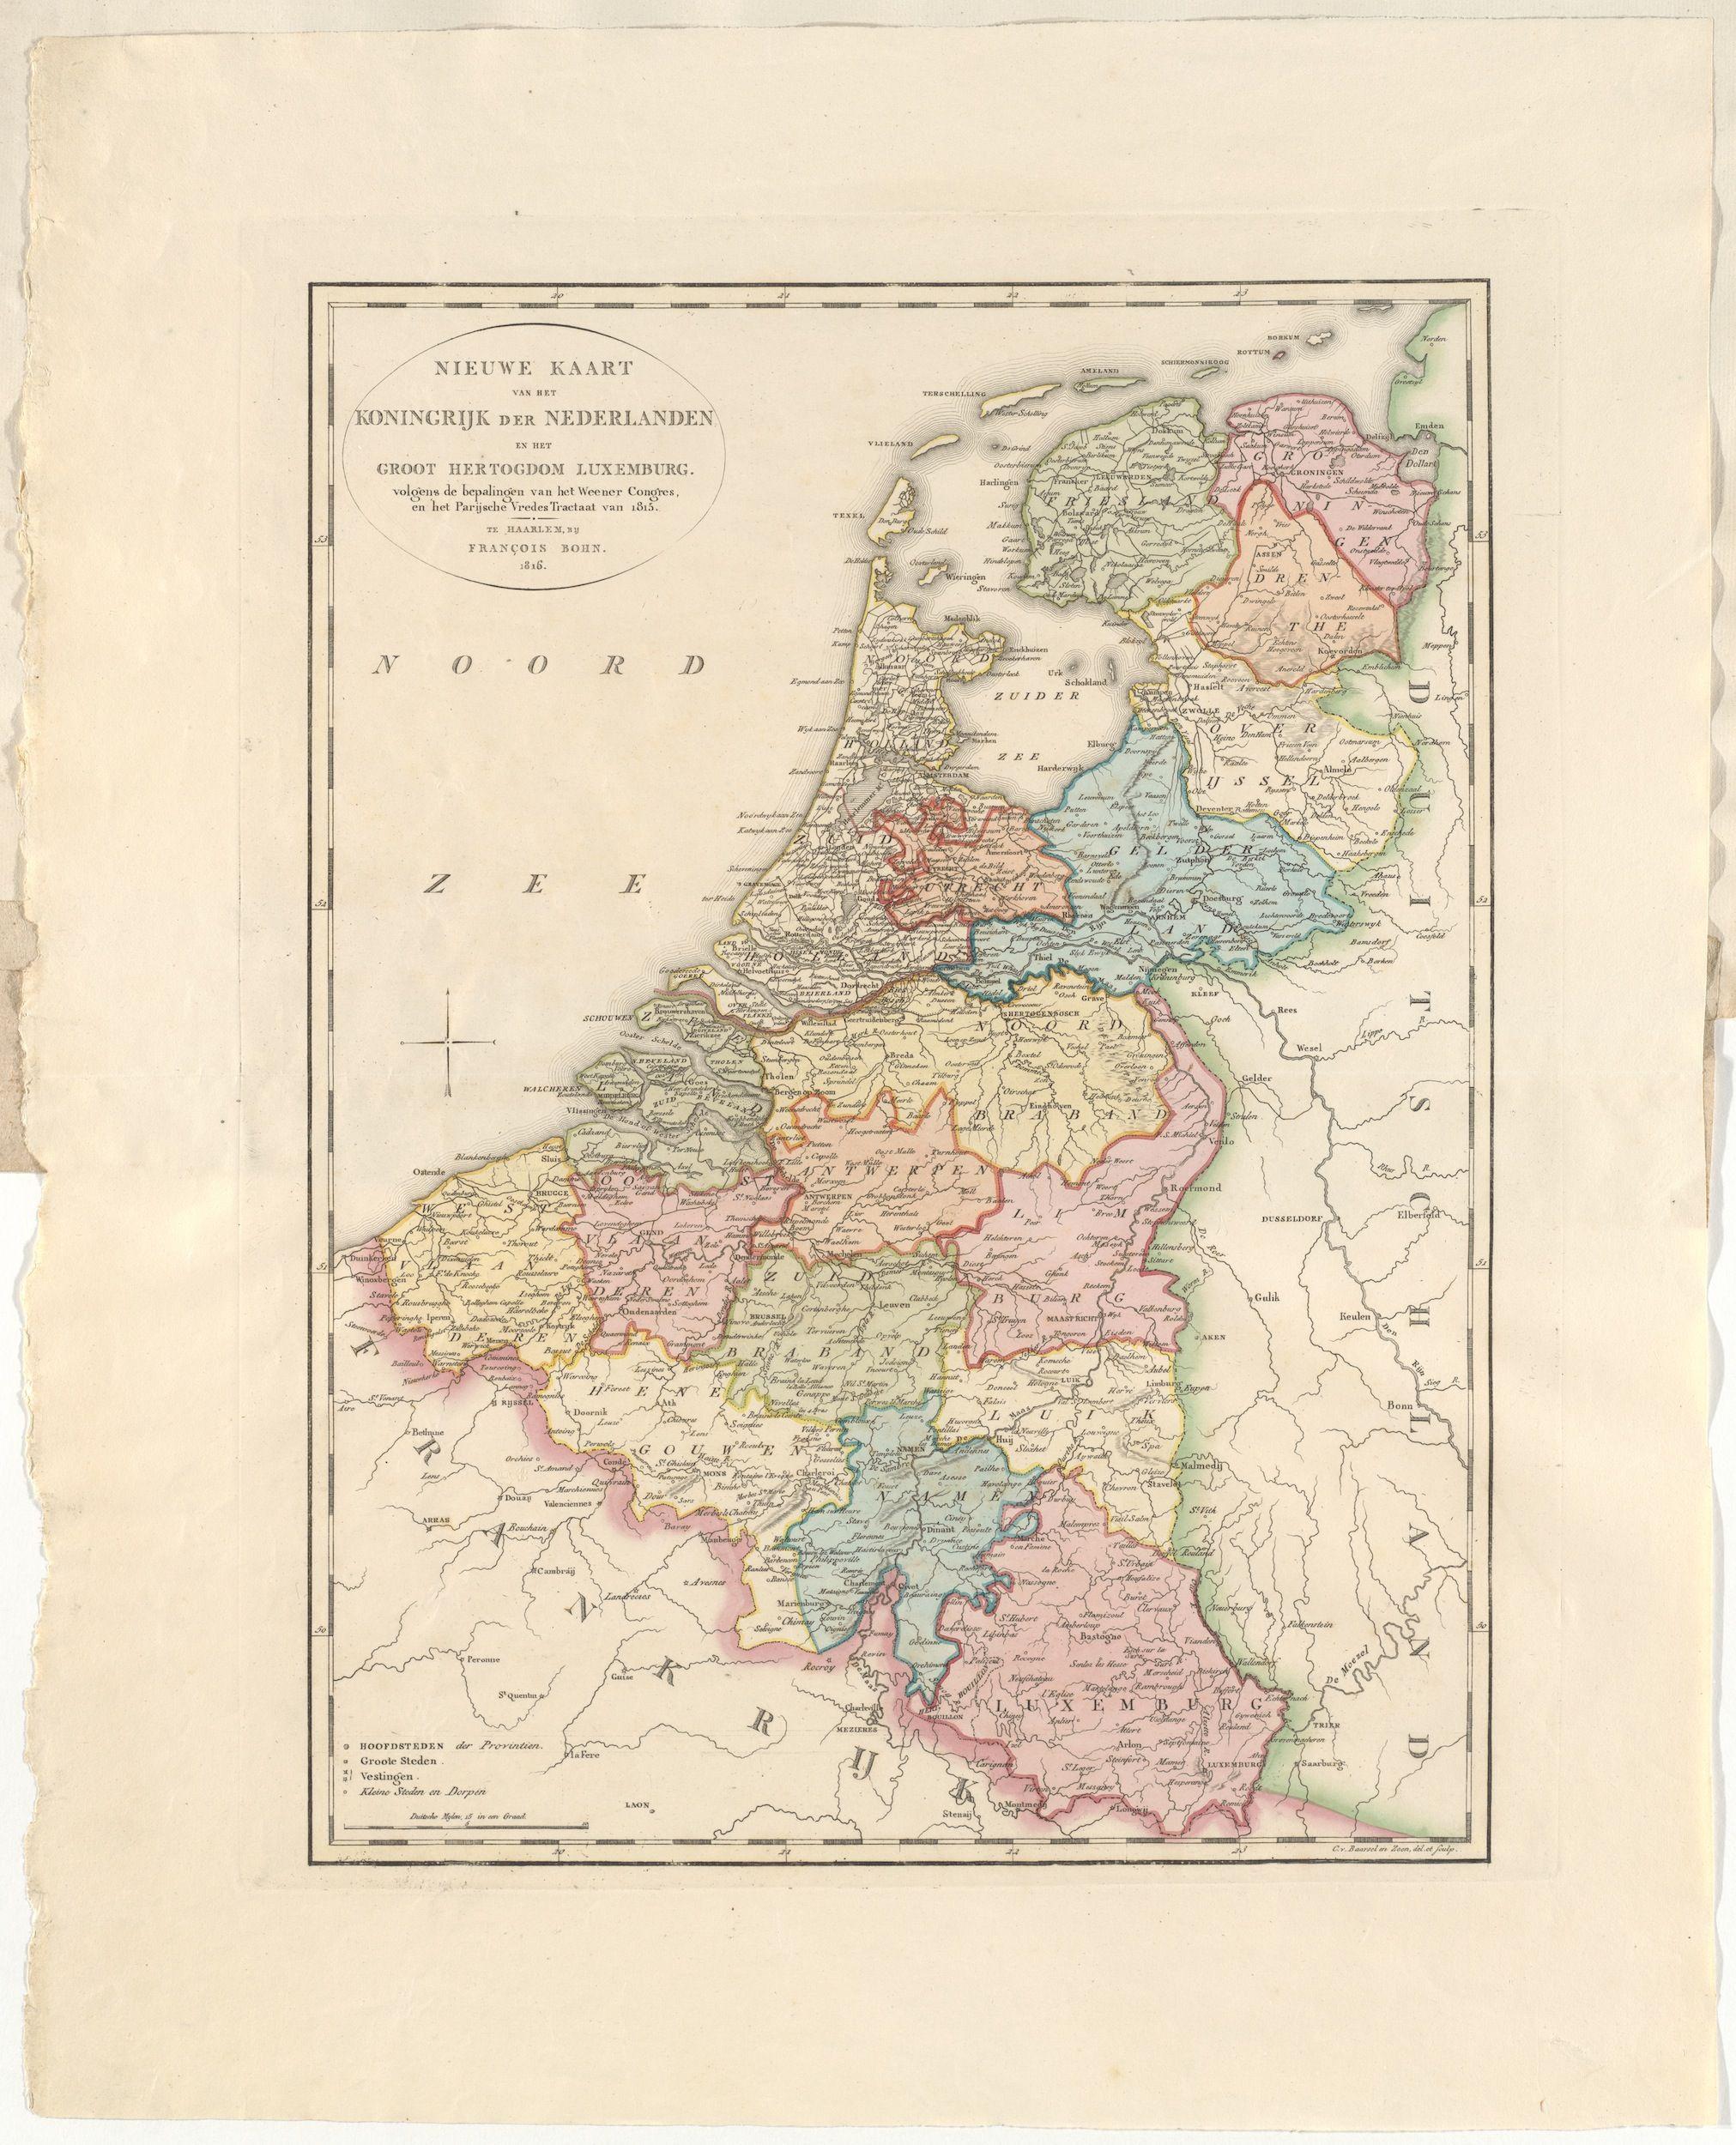 Het Koninkrijk der Nederlanden en het Groothertogdom Luxemburg volgens de bepalingen van het Congres van Wenen, uitgave François Bohn, 1816